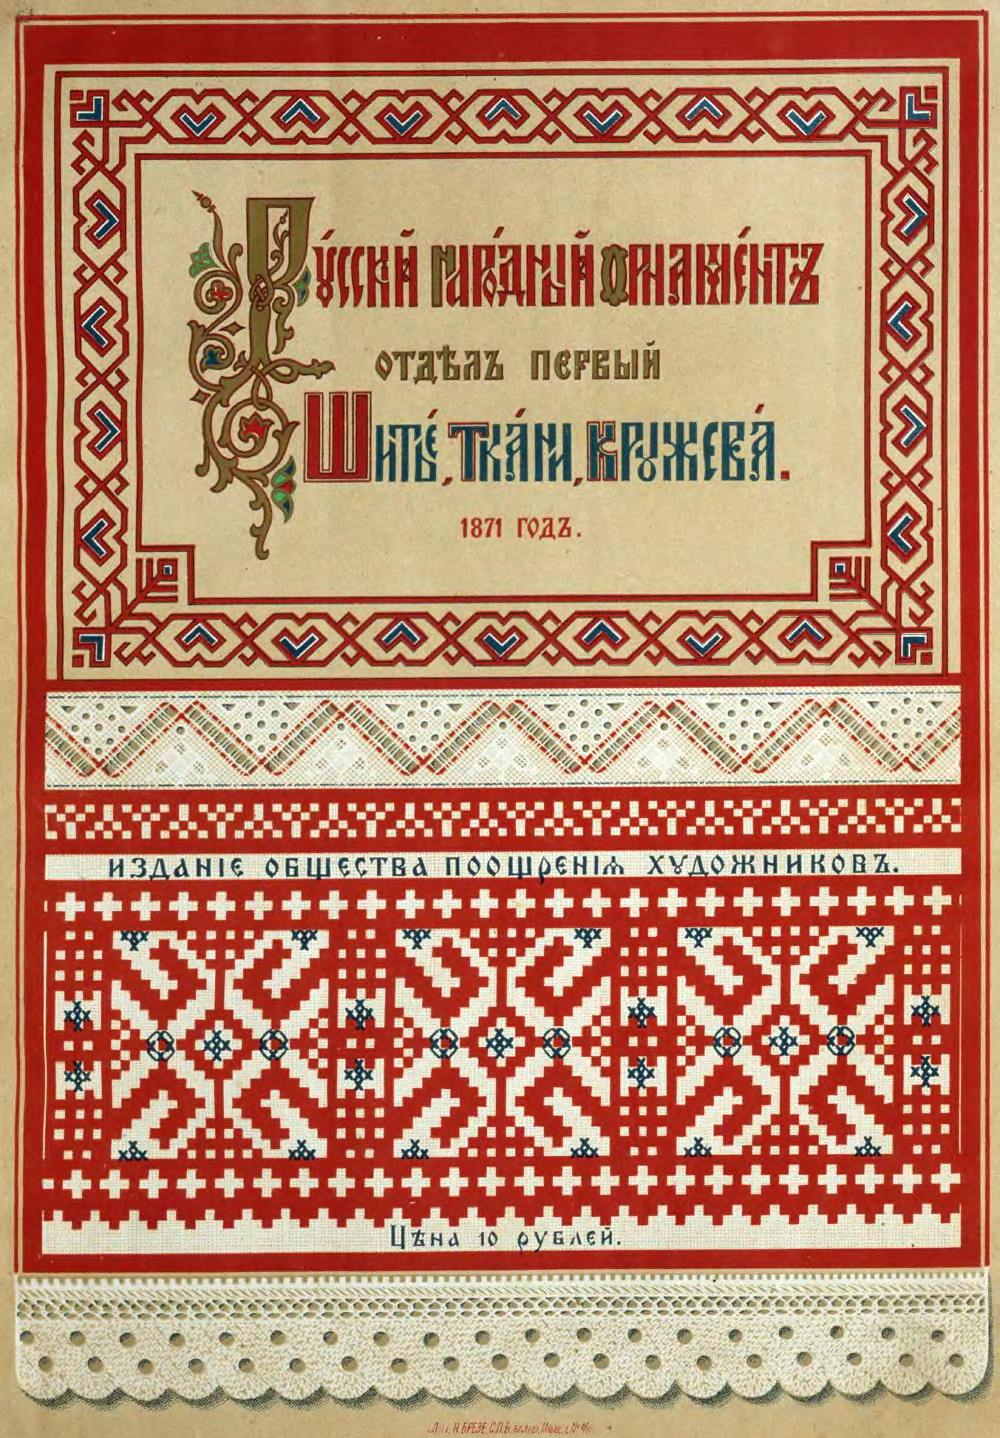 Русский народный орнамент.Шитье. Ткани. Кружева. 1871 год